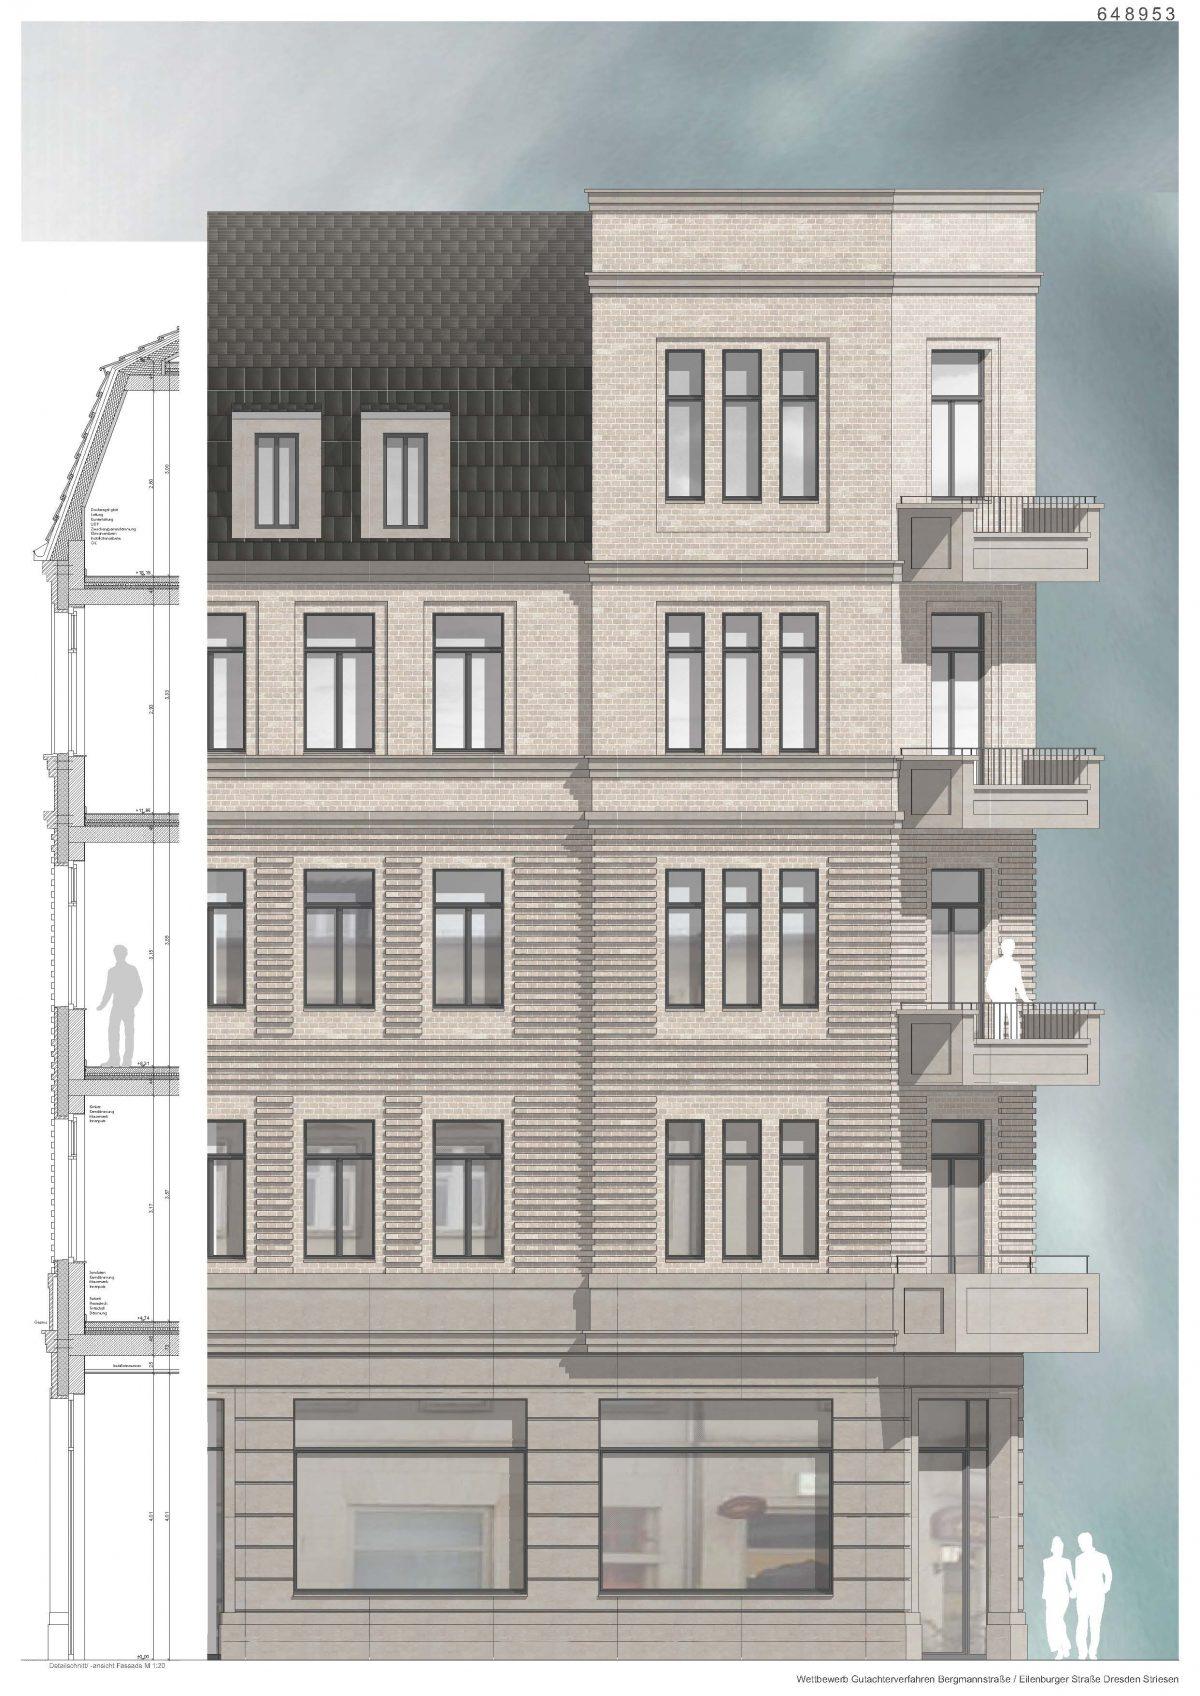 Fassadendetails, Bergmannstraße, Dresden